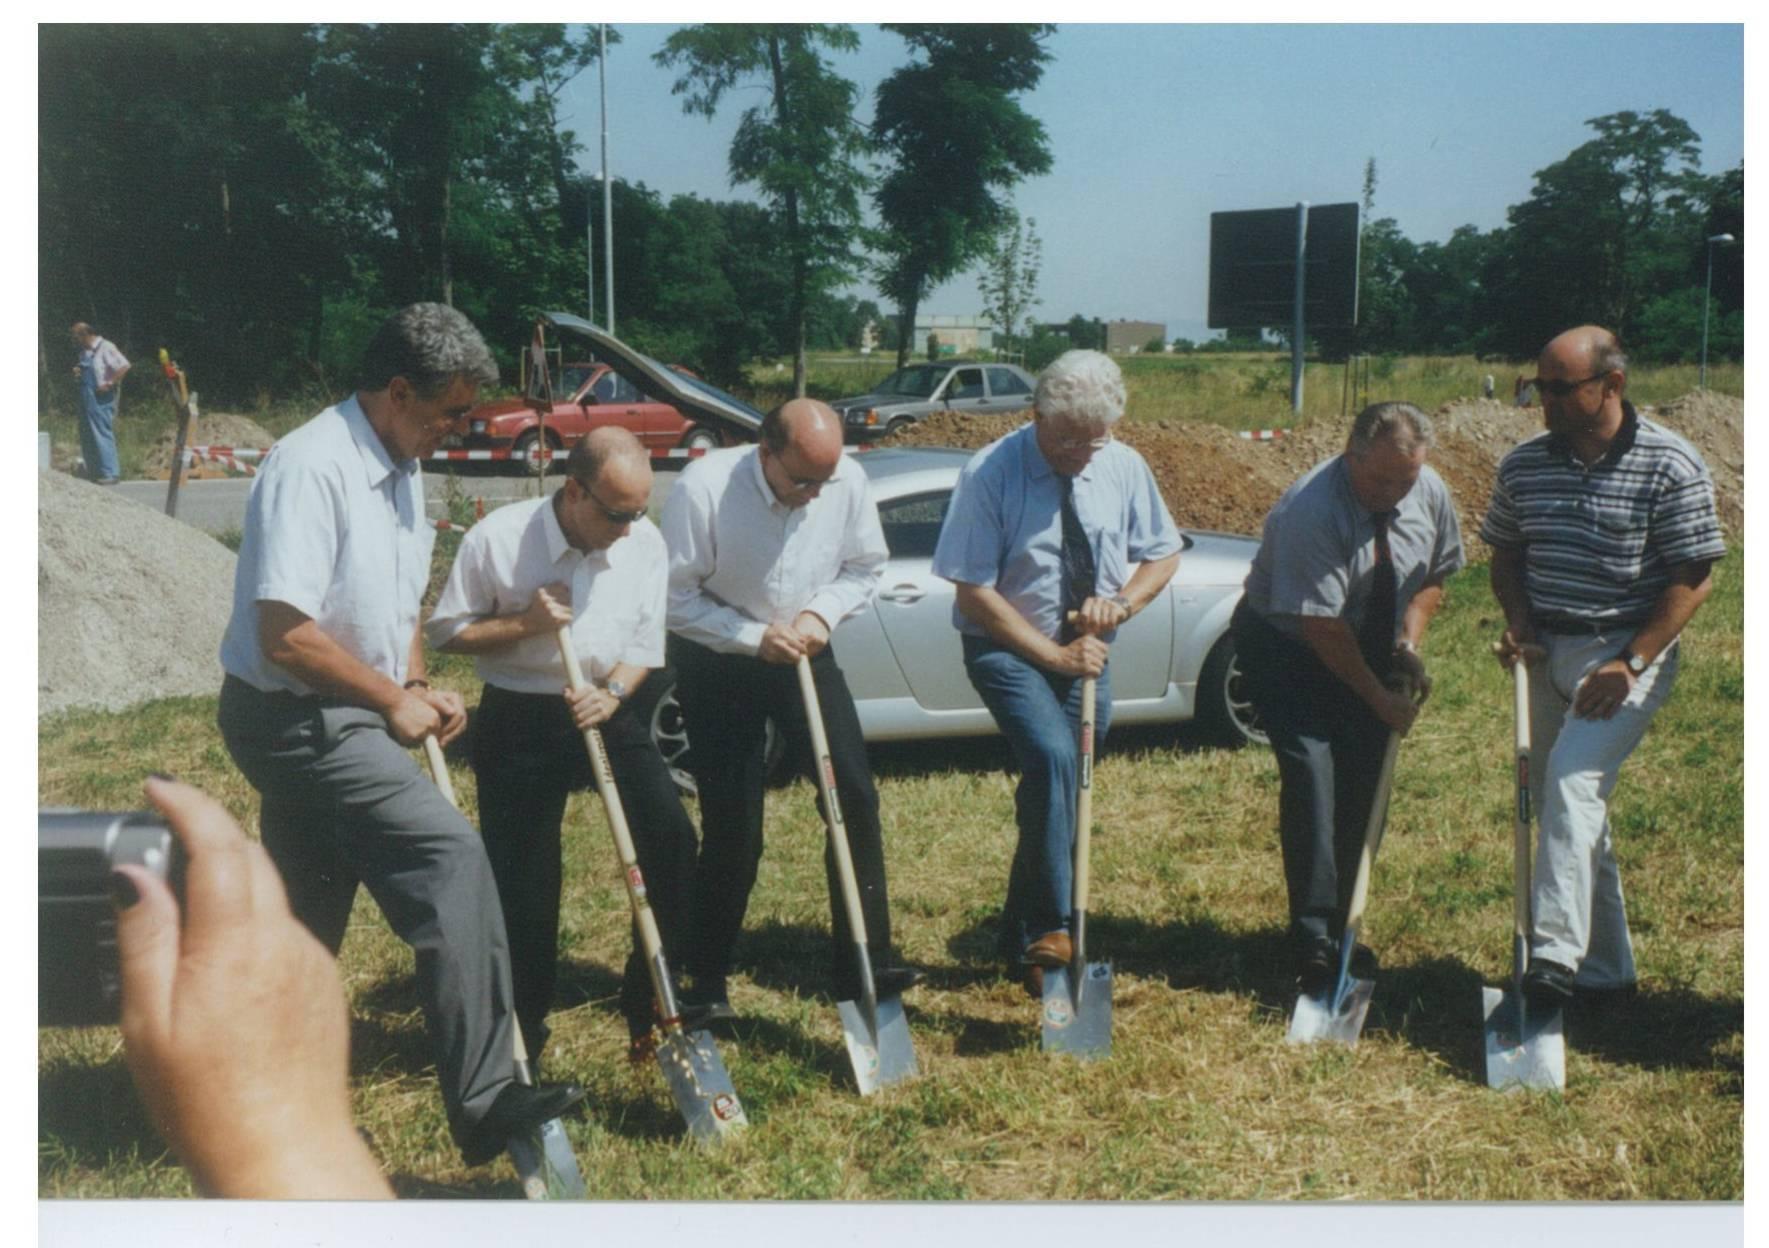 Spatenstich im Jahr 2000